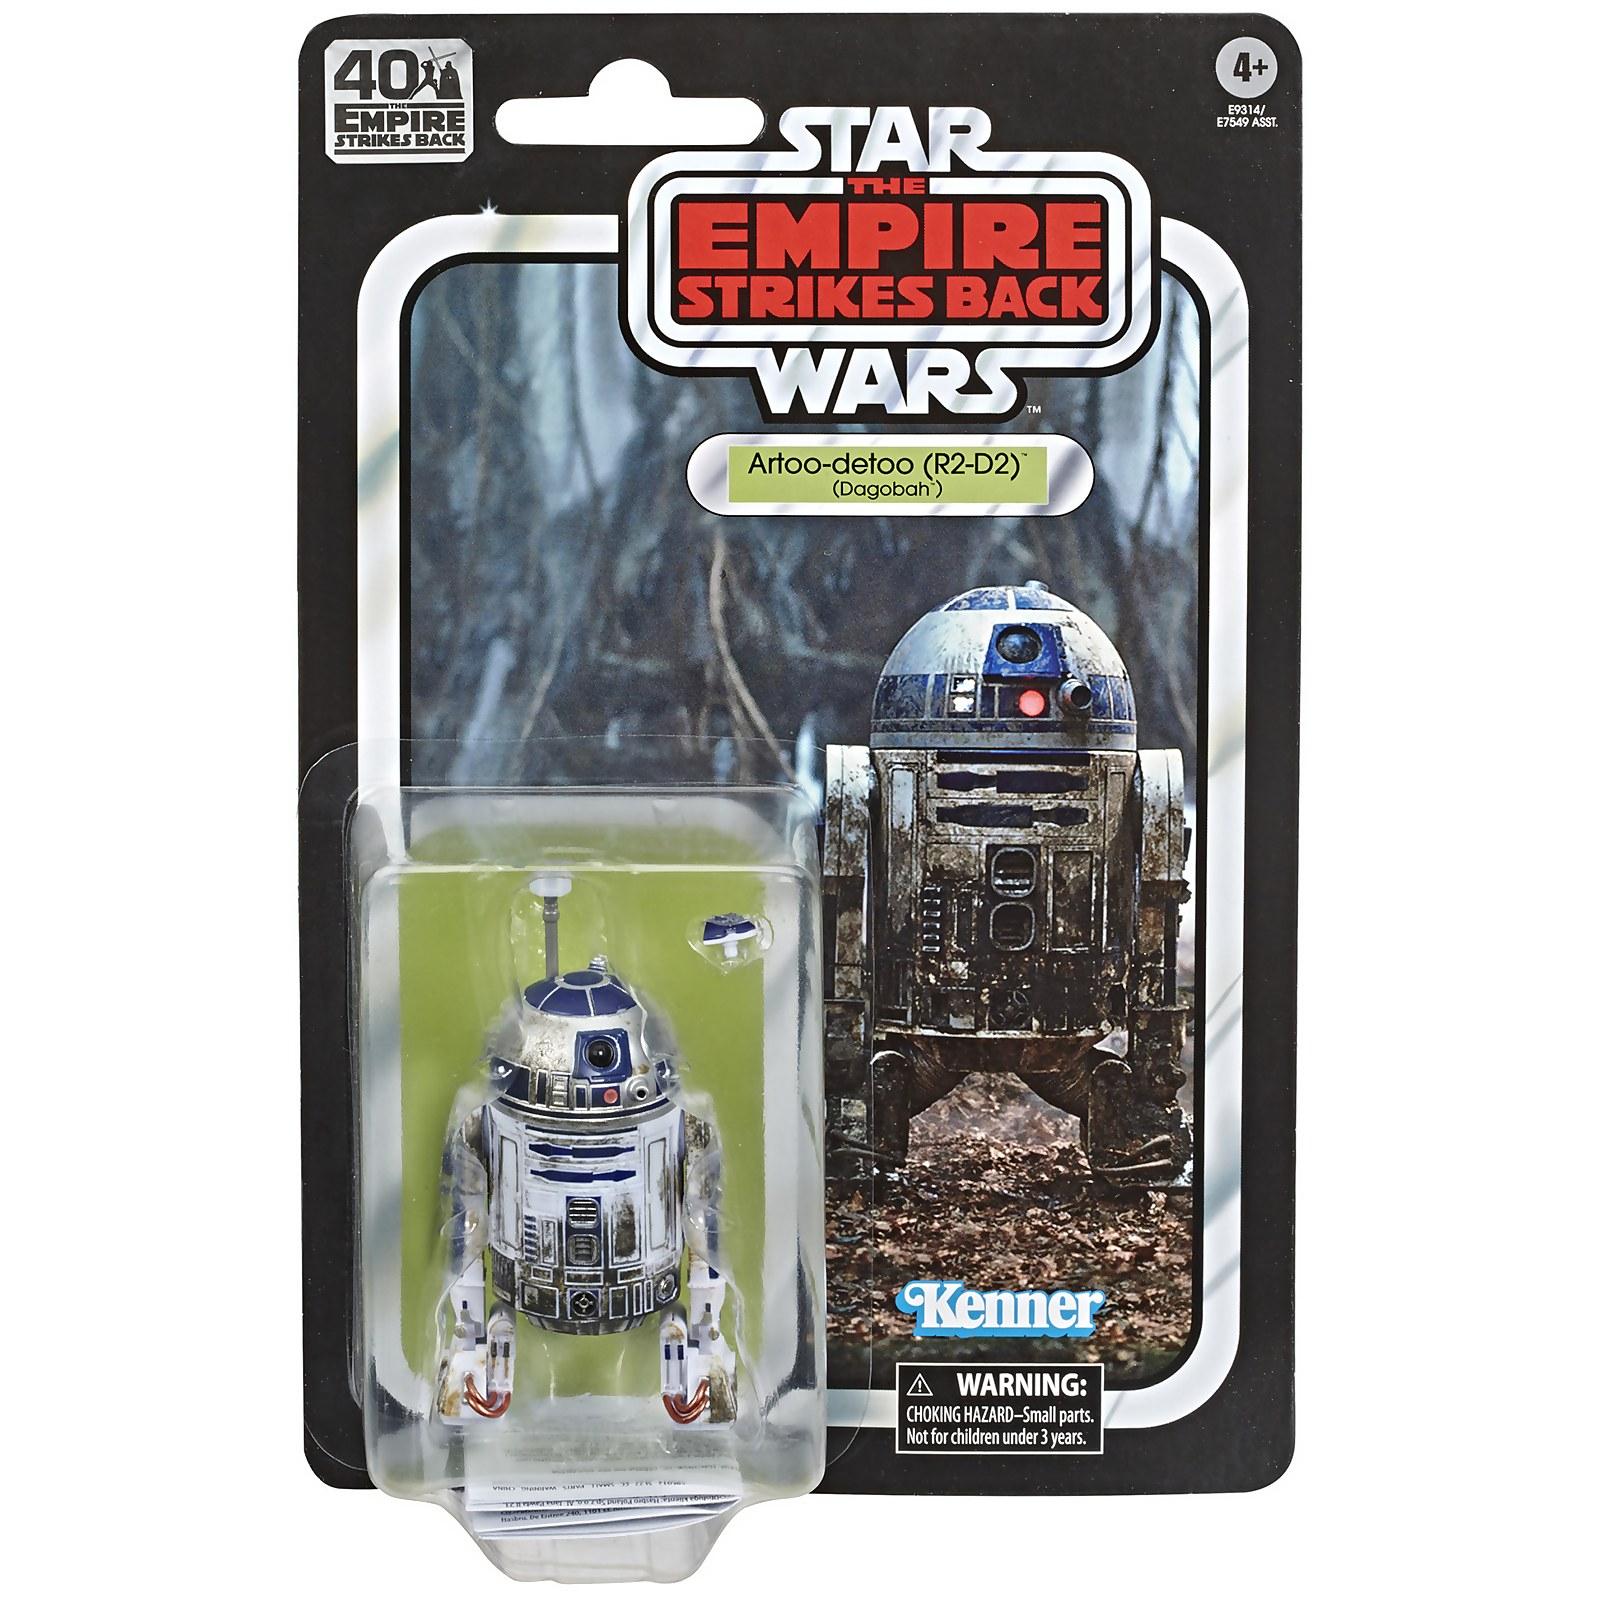 15% Rabatt auf Hasbro Actionfiguren, zB Star Wars The Black Series R2-D2